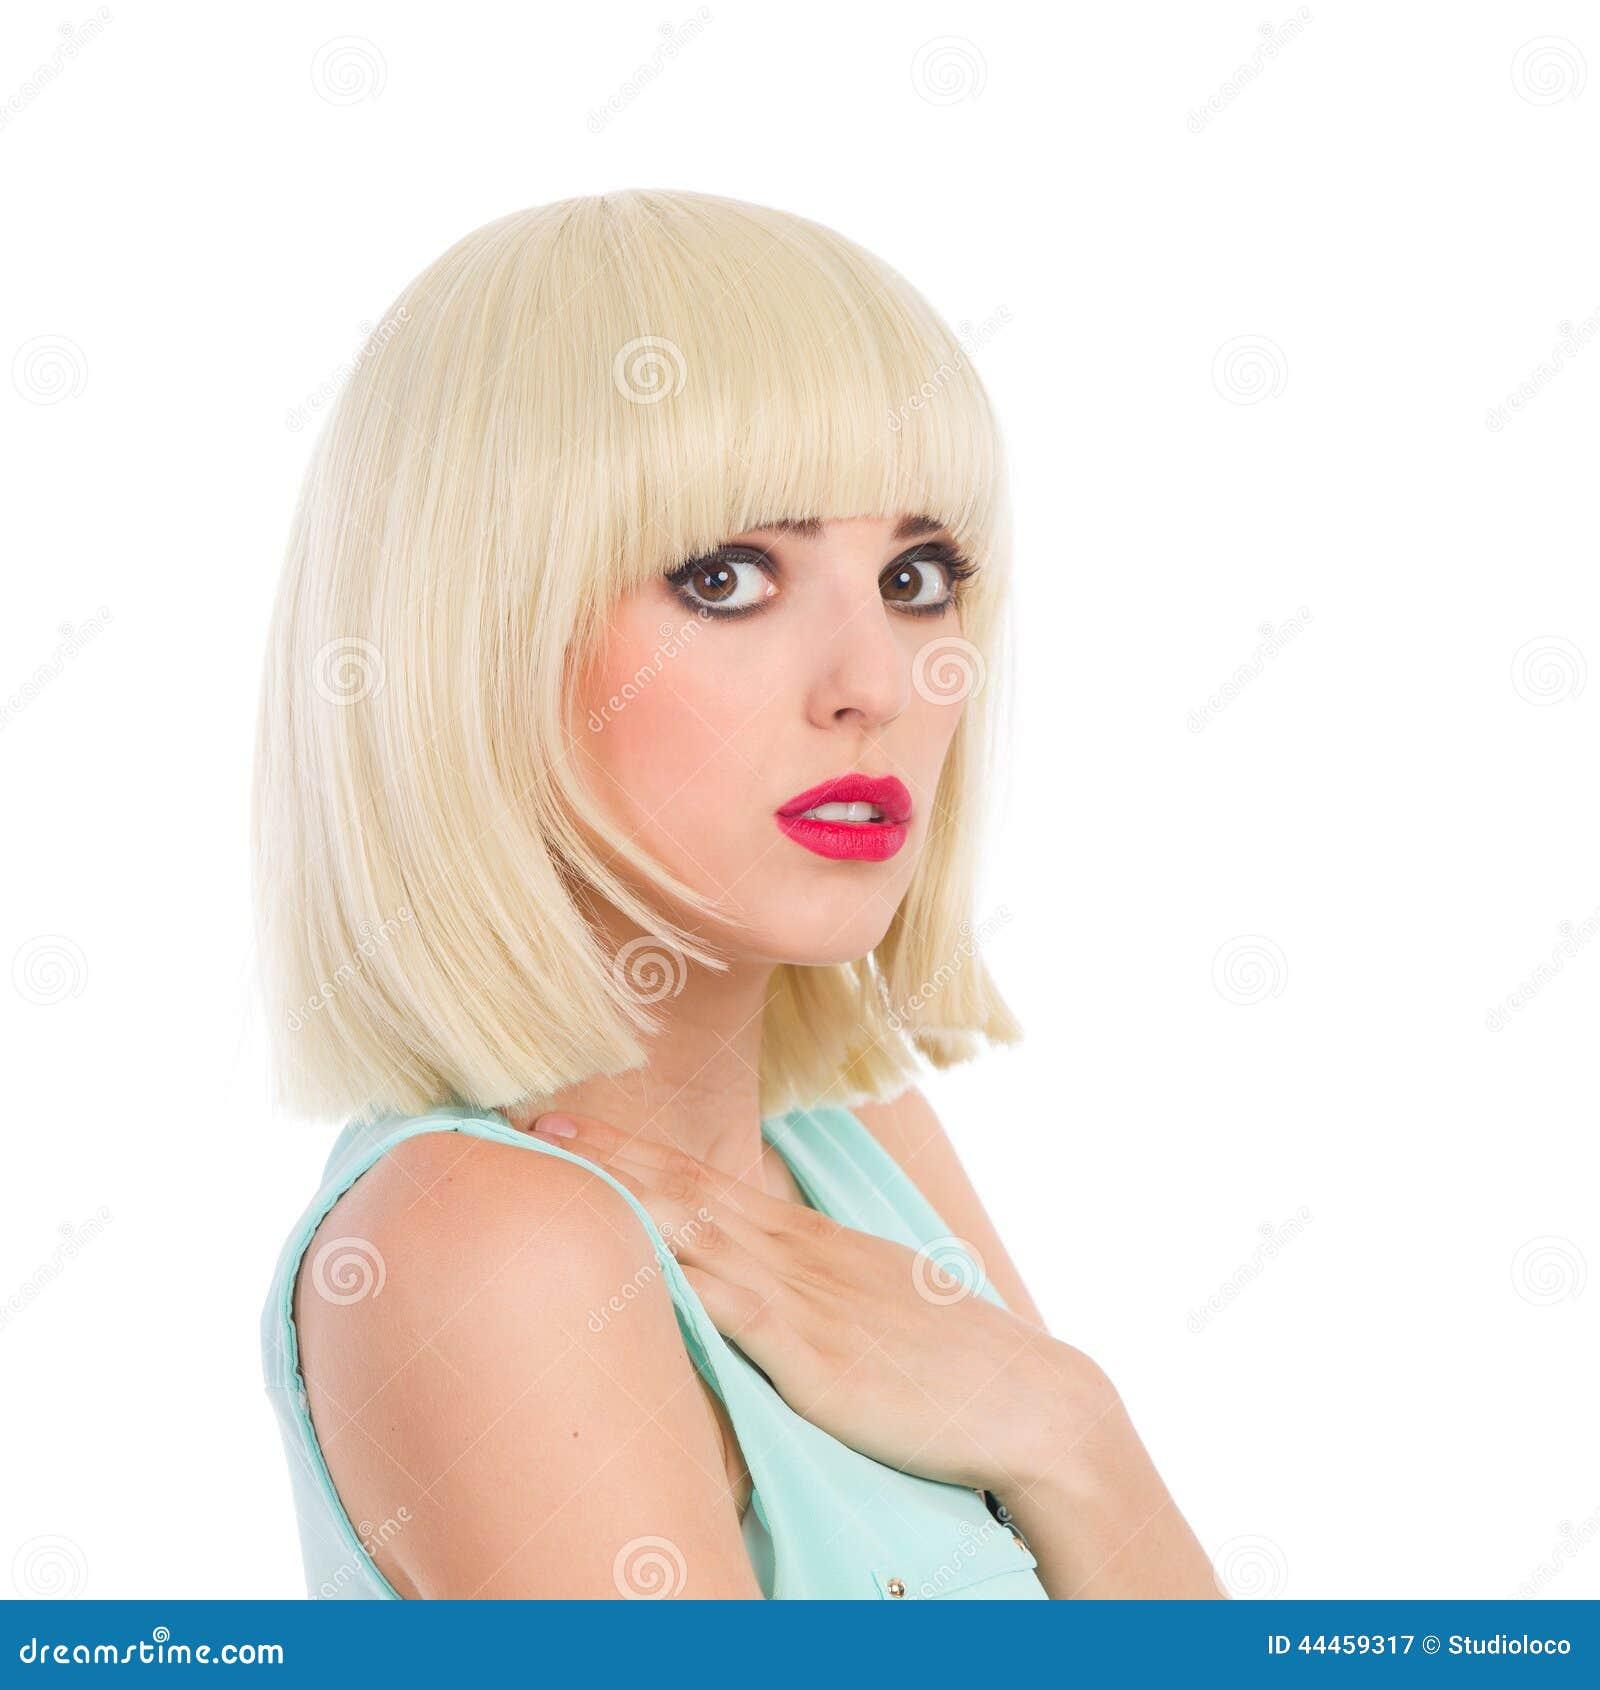 cute girl with blonde fringe stock image image of chest fringe